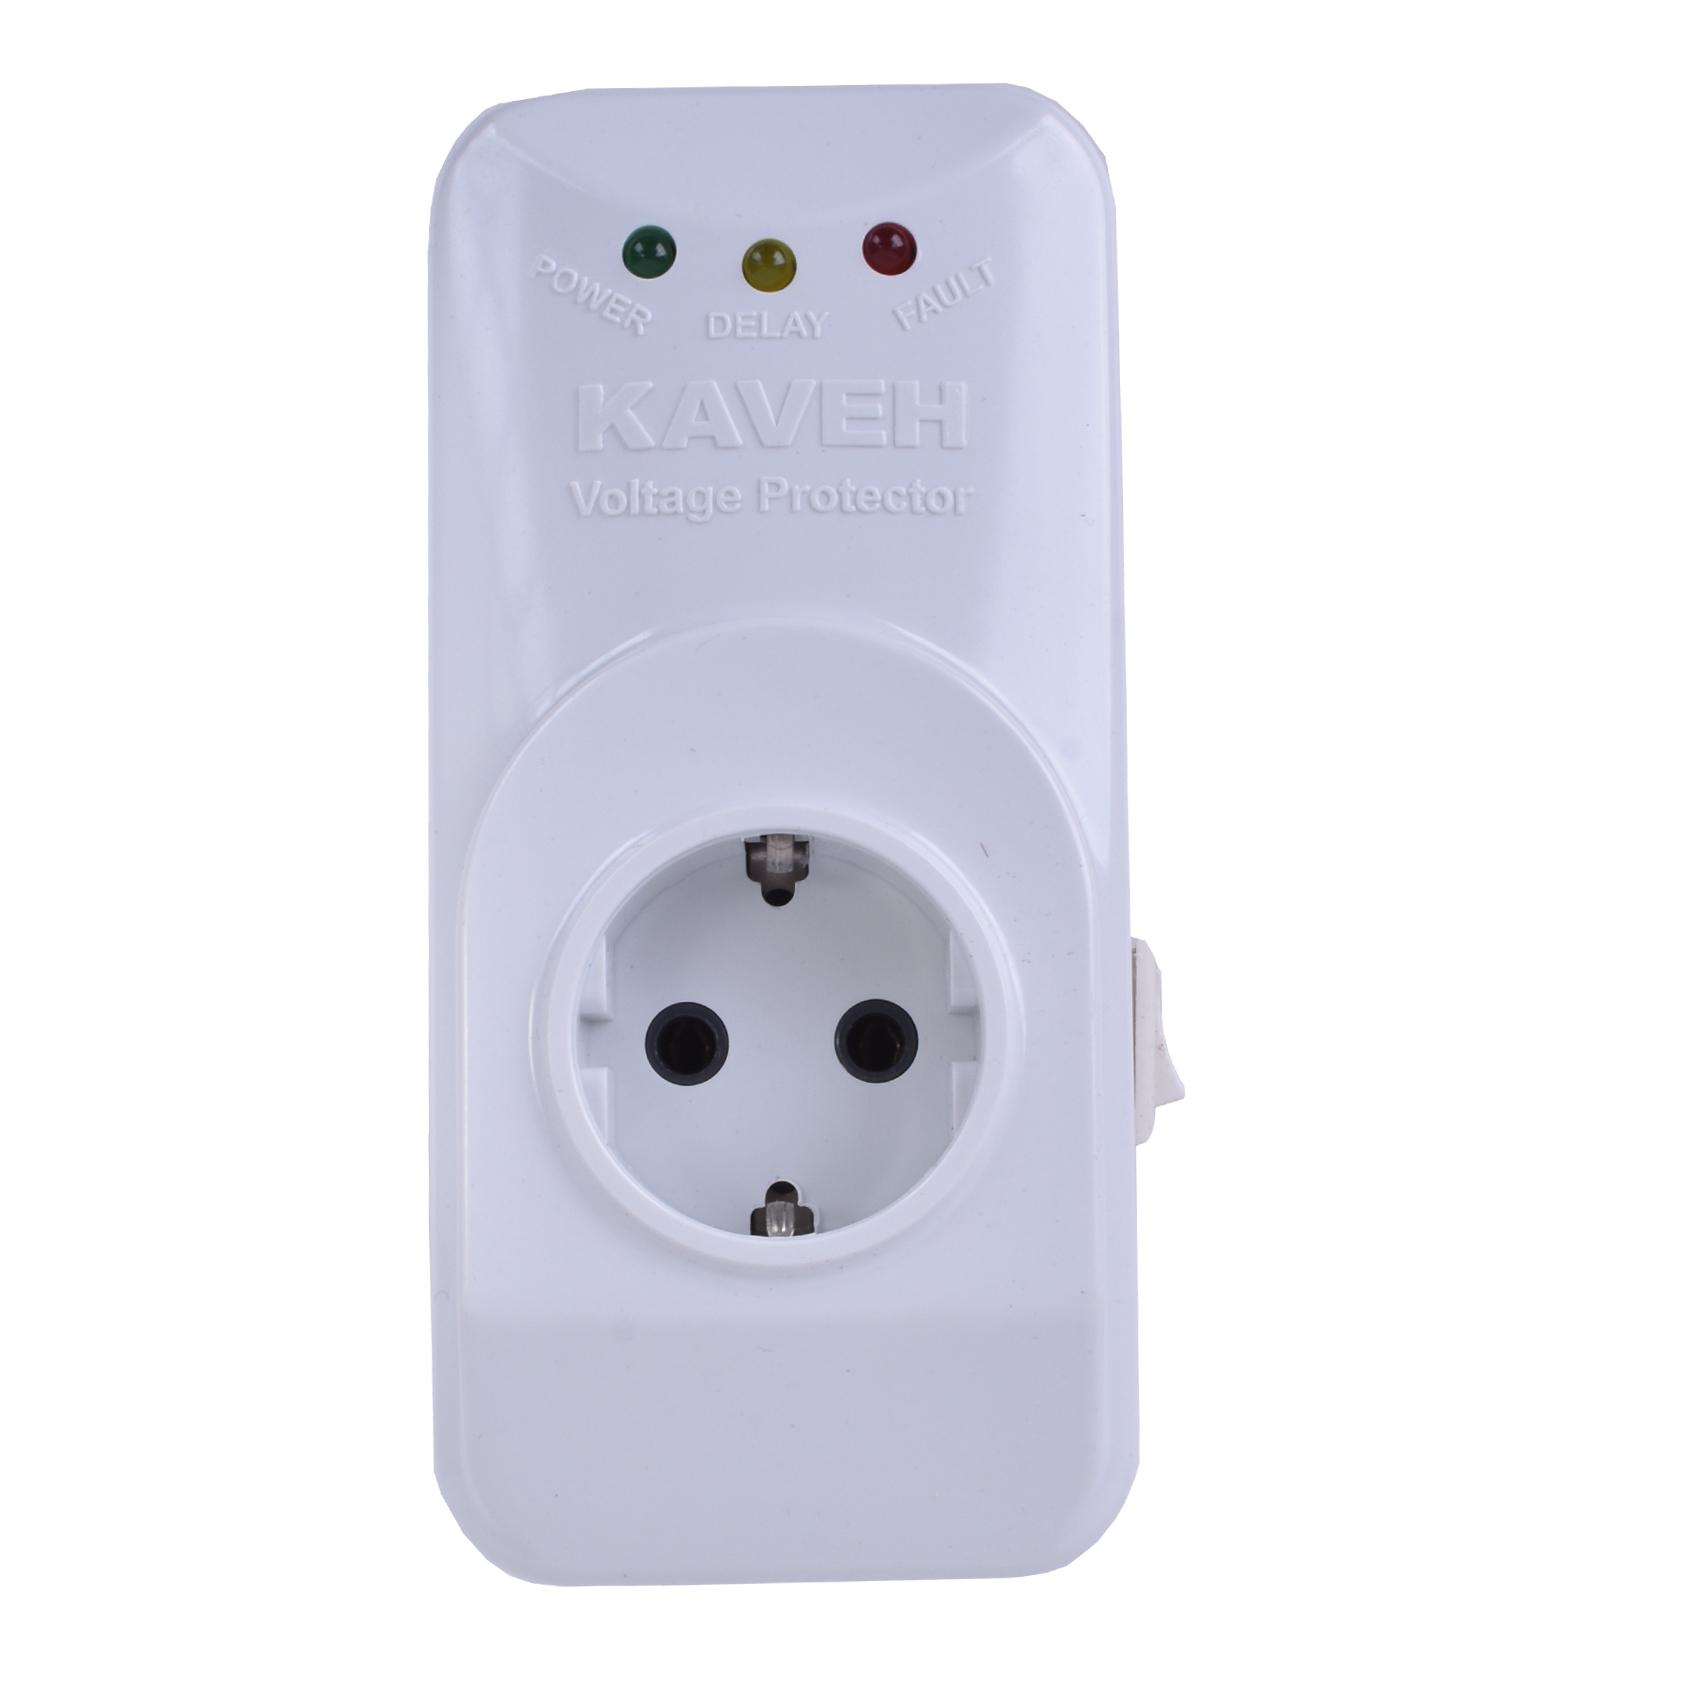 محافظ ولتاژ ماشین لباسشویی و ظرفشویی کاوه مدل KPP2125E